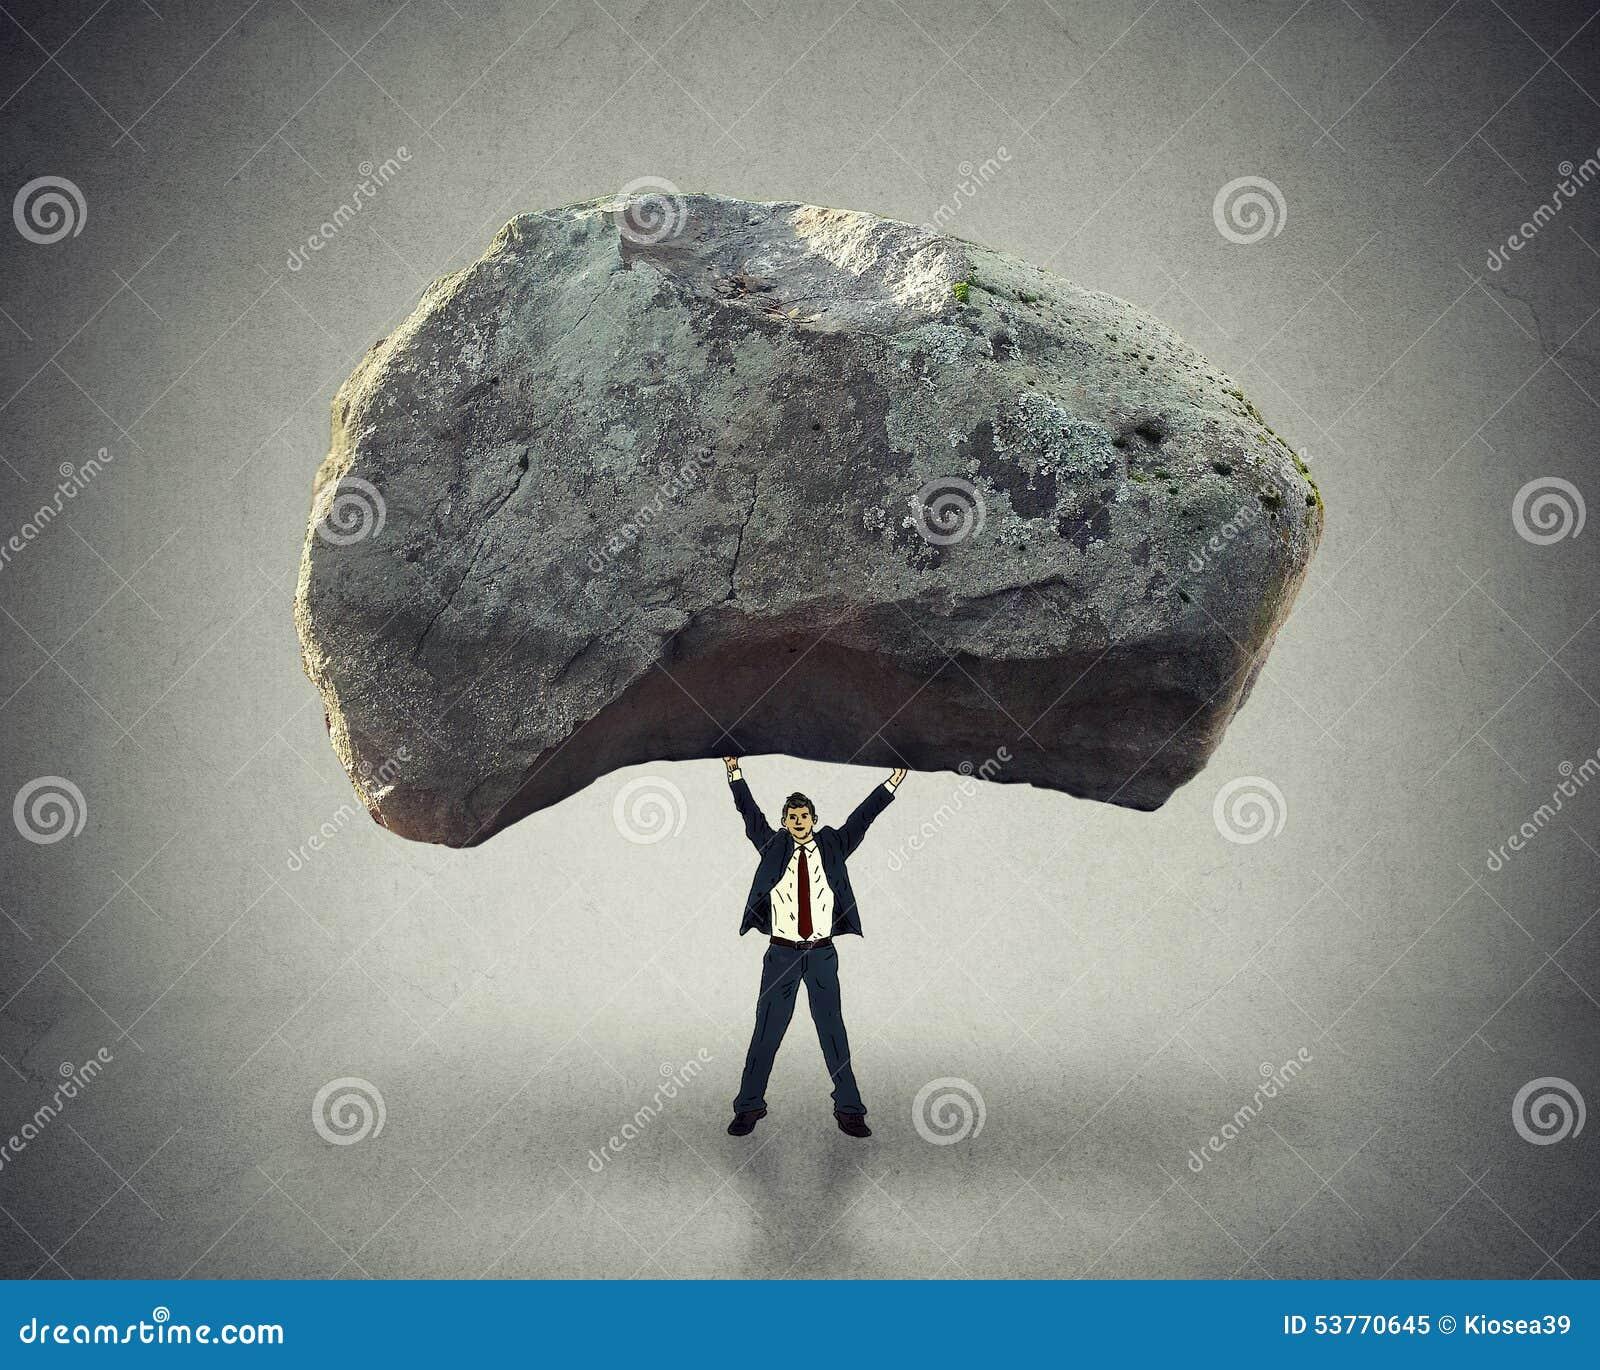 Actionnez la capacité de direction d inspirer l homme se soulevant vers le haut du rocher énorme